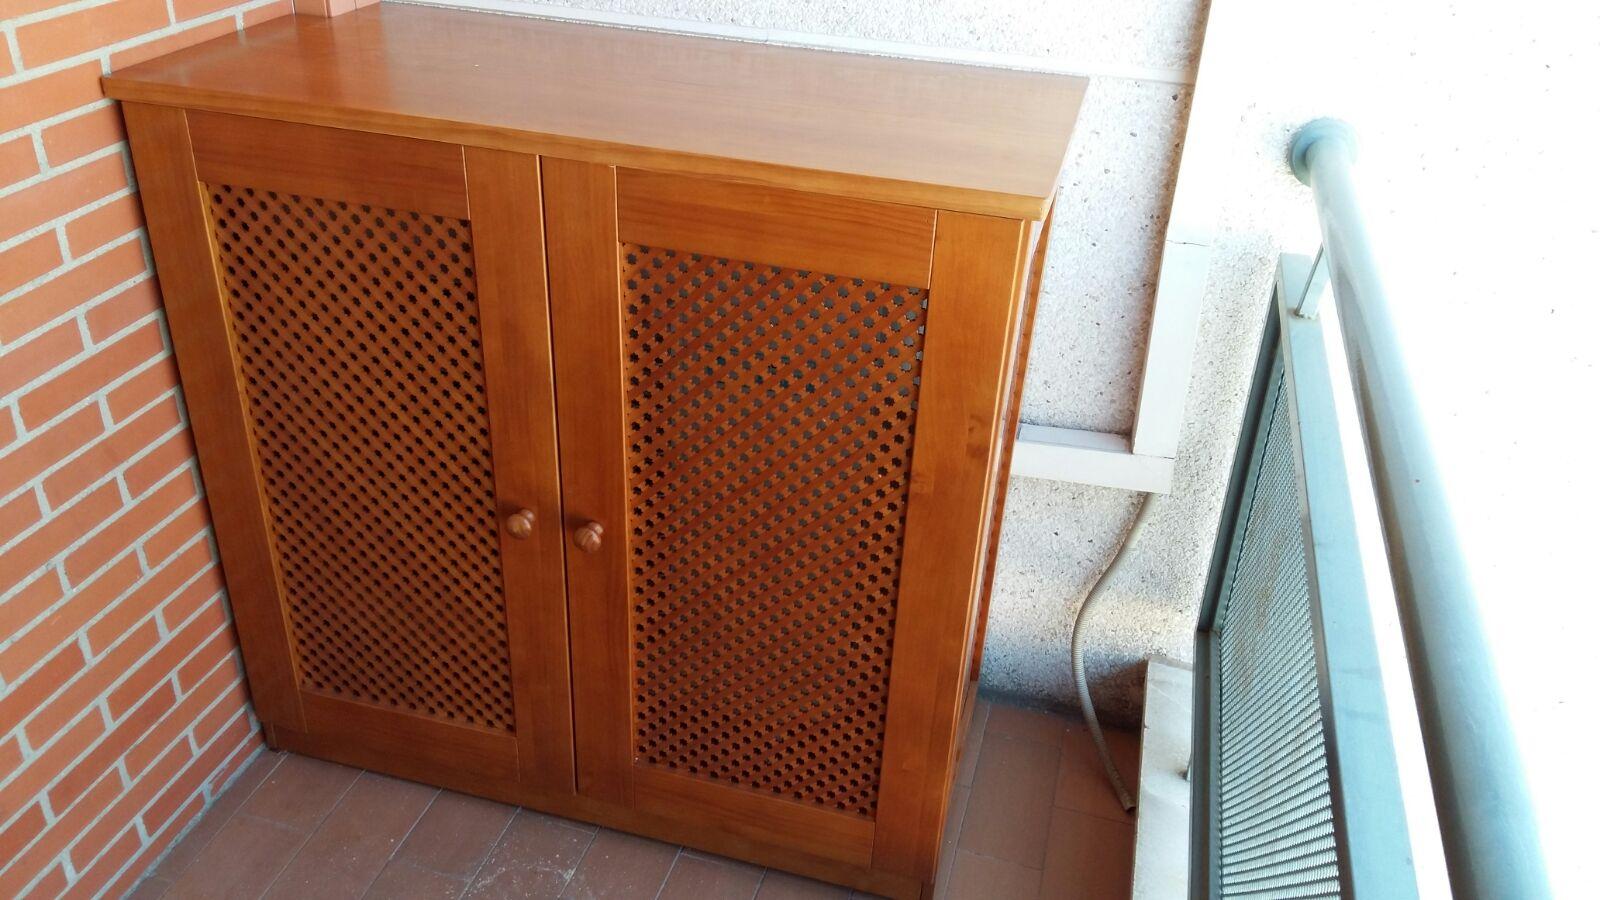 Muebles A Medida Modulo Para Cubrir Aire Acondicionado En Pino  # Muebles Rejilla